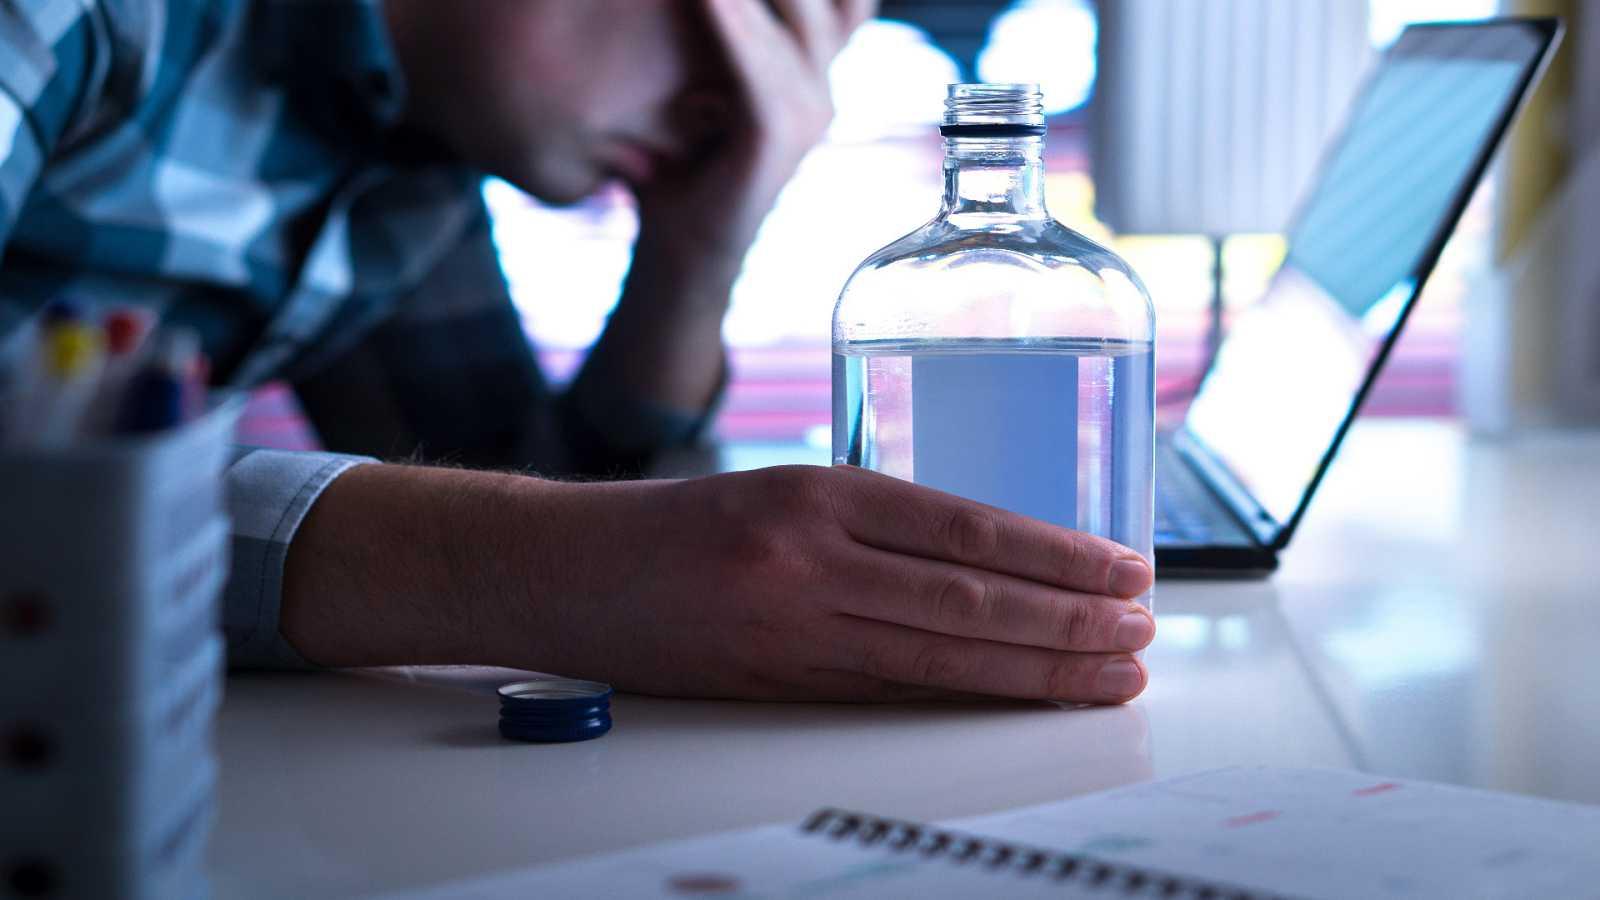 Adicciones - Intervención temprana en el trabajo - 13/01/21 - Escuchar ahora